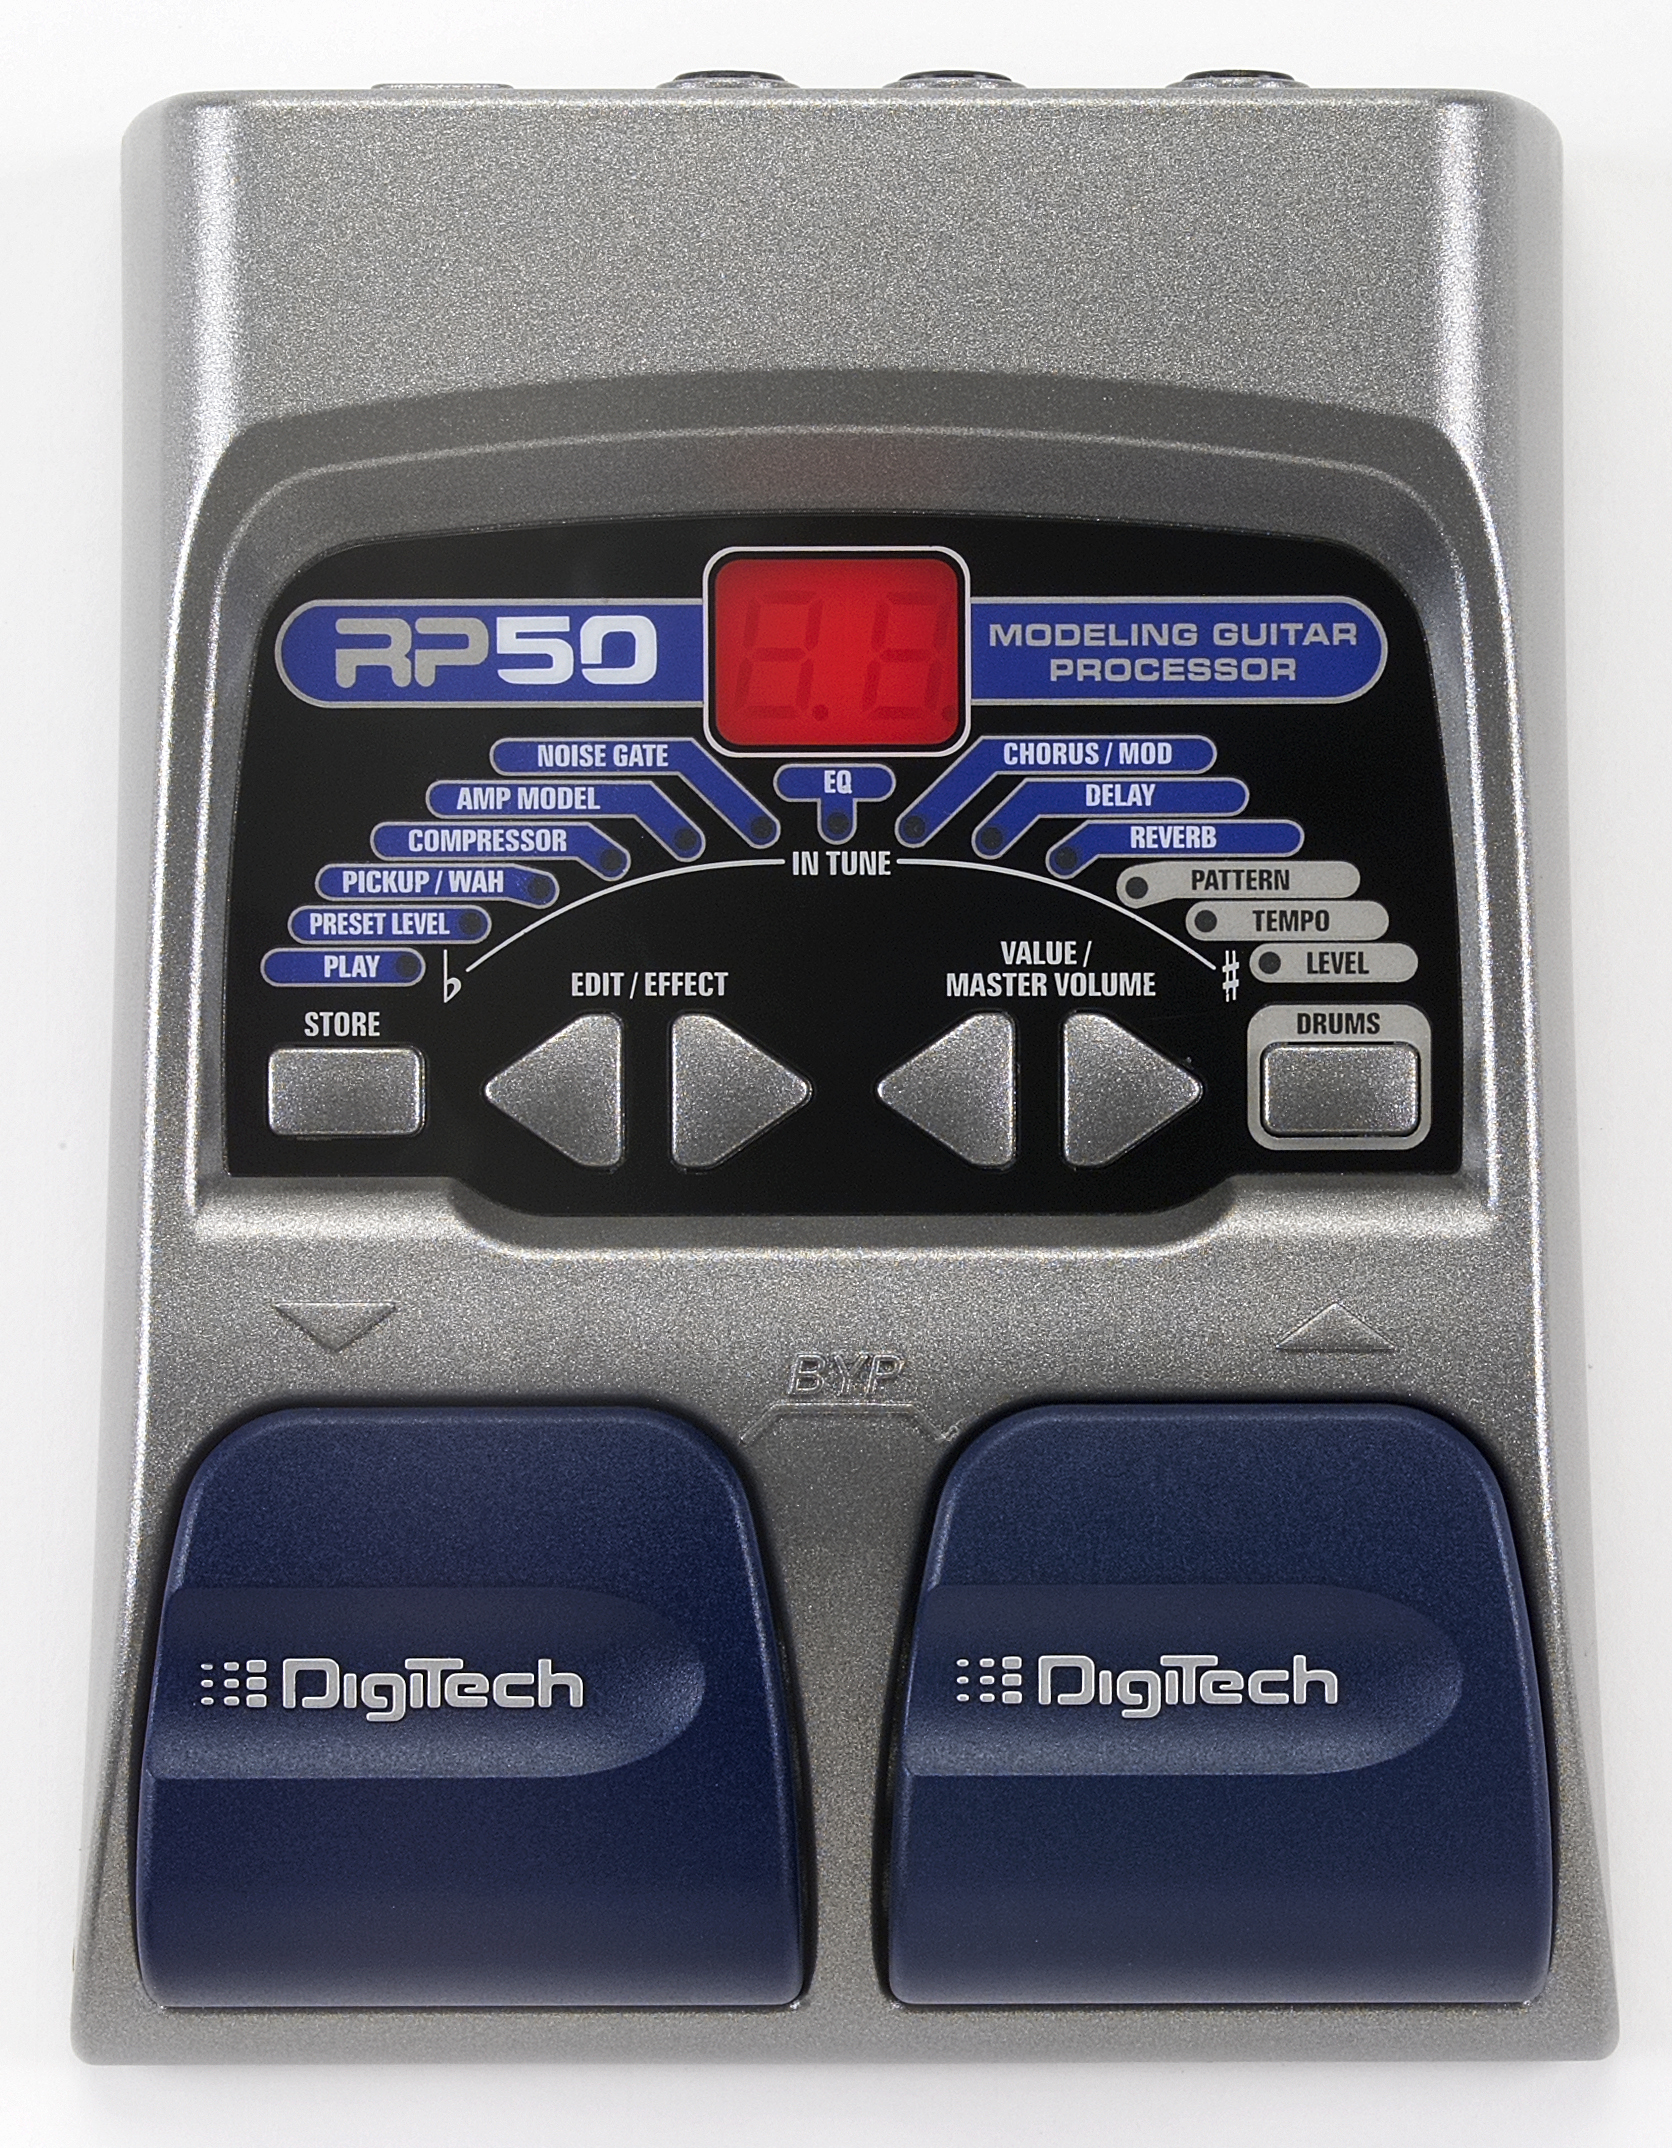 rp50 digitech guitar effects rh digitech com Digitech Pedals Digitech GNX 1